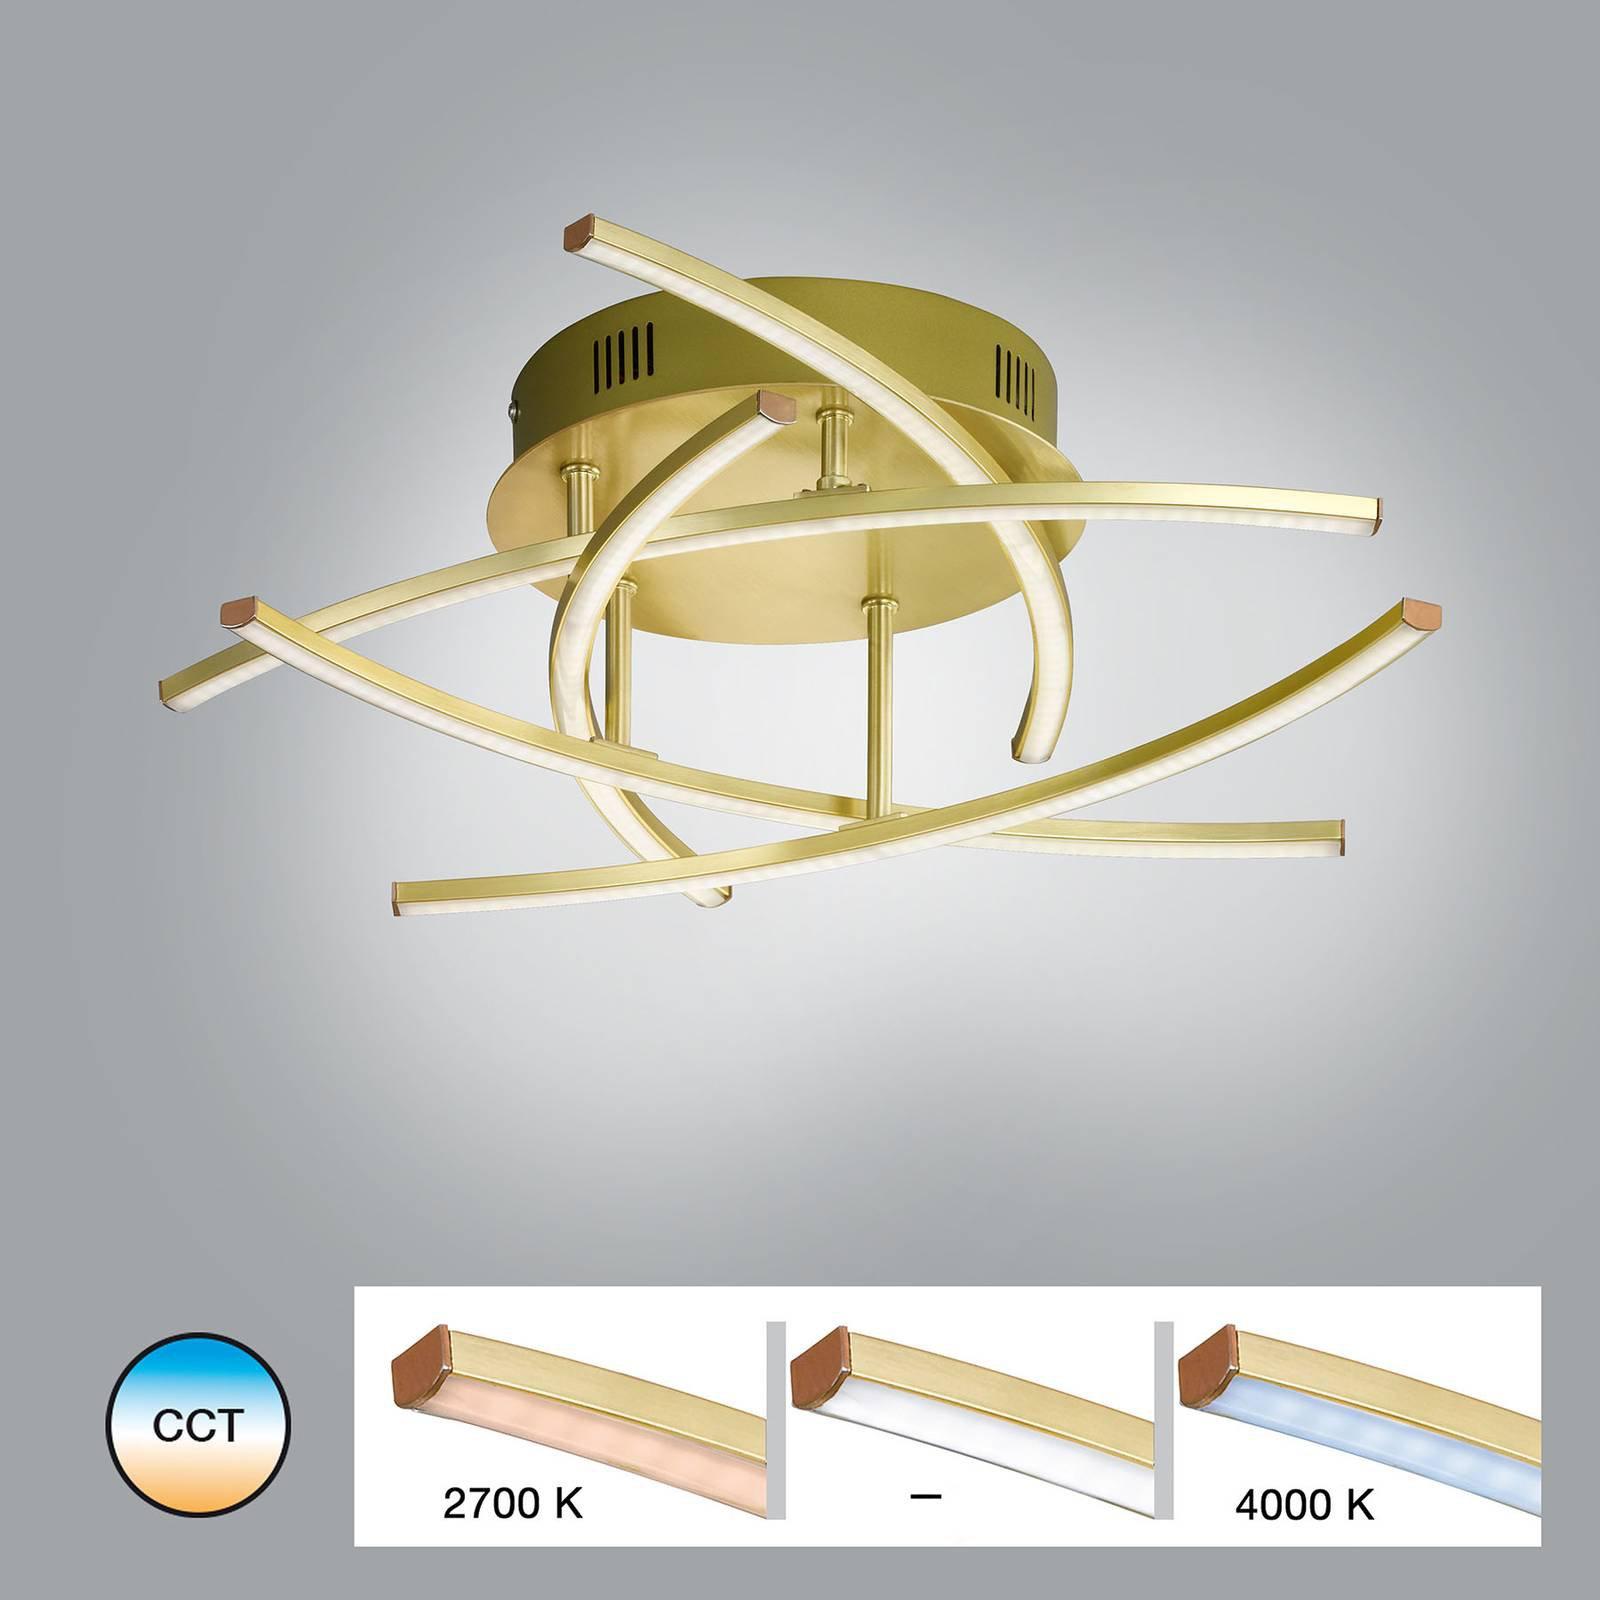 LED-taklampe Cross Tunable, hvit, 5 lyskilder